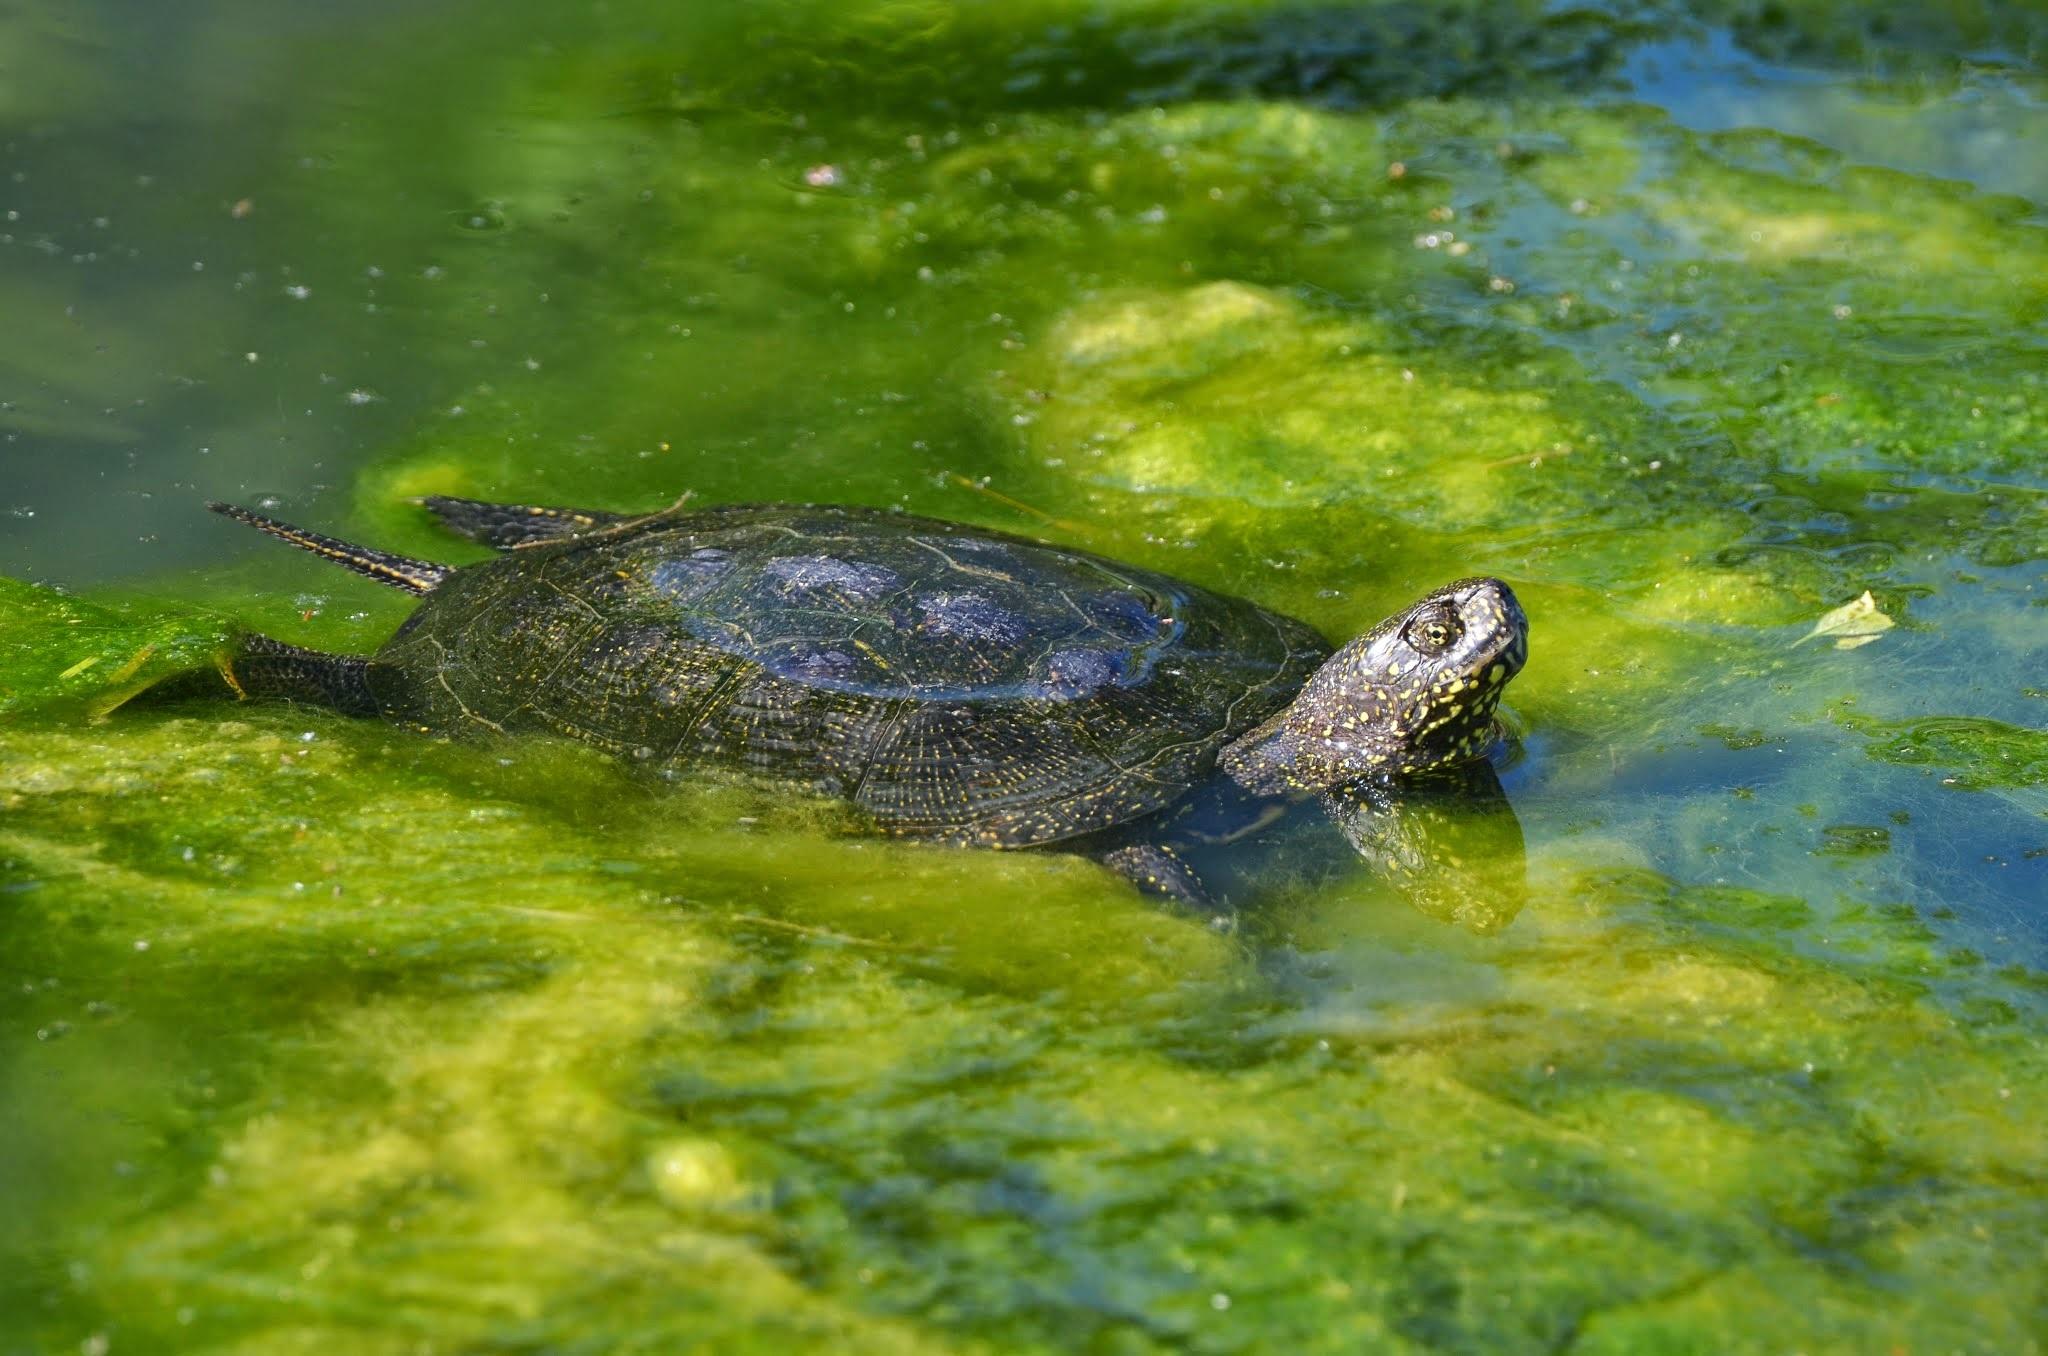 болотная черепаха фото вас вашим